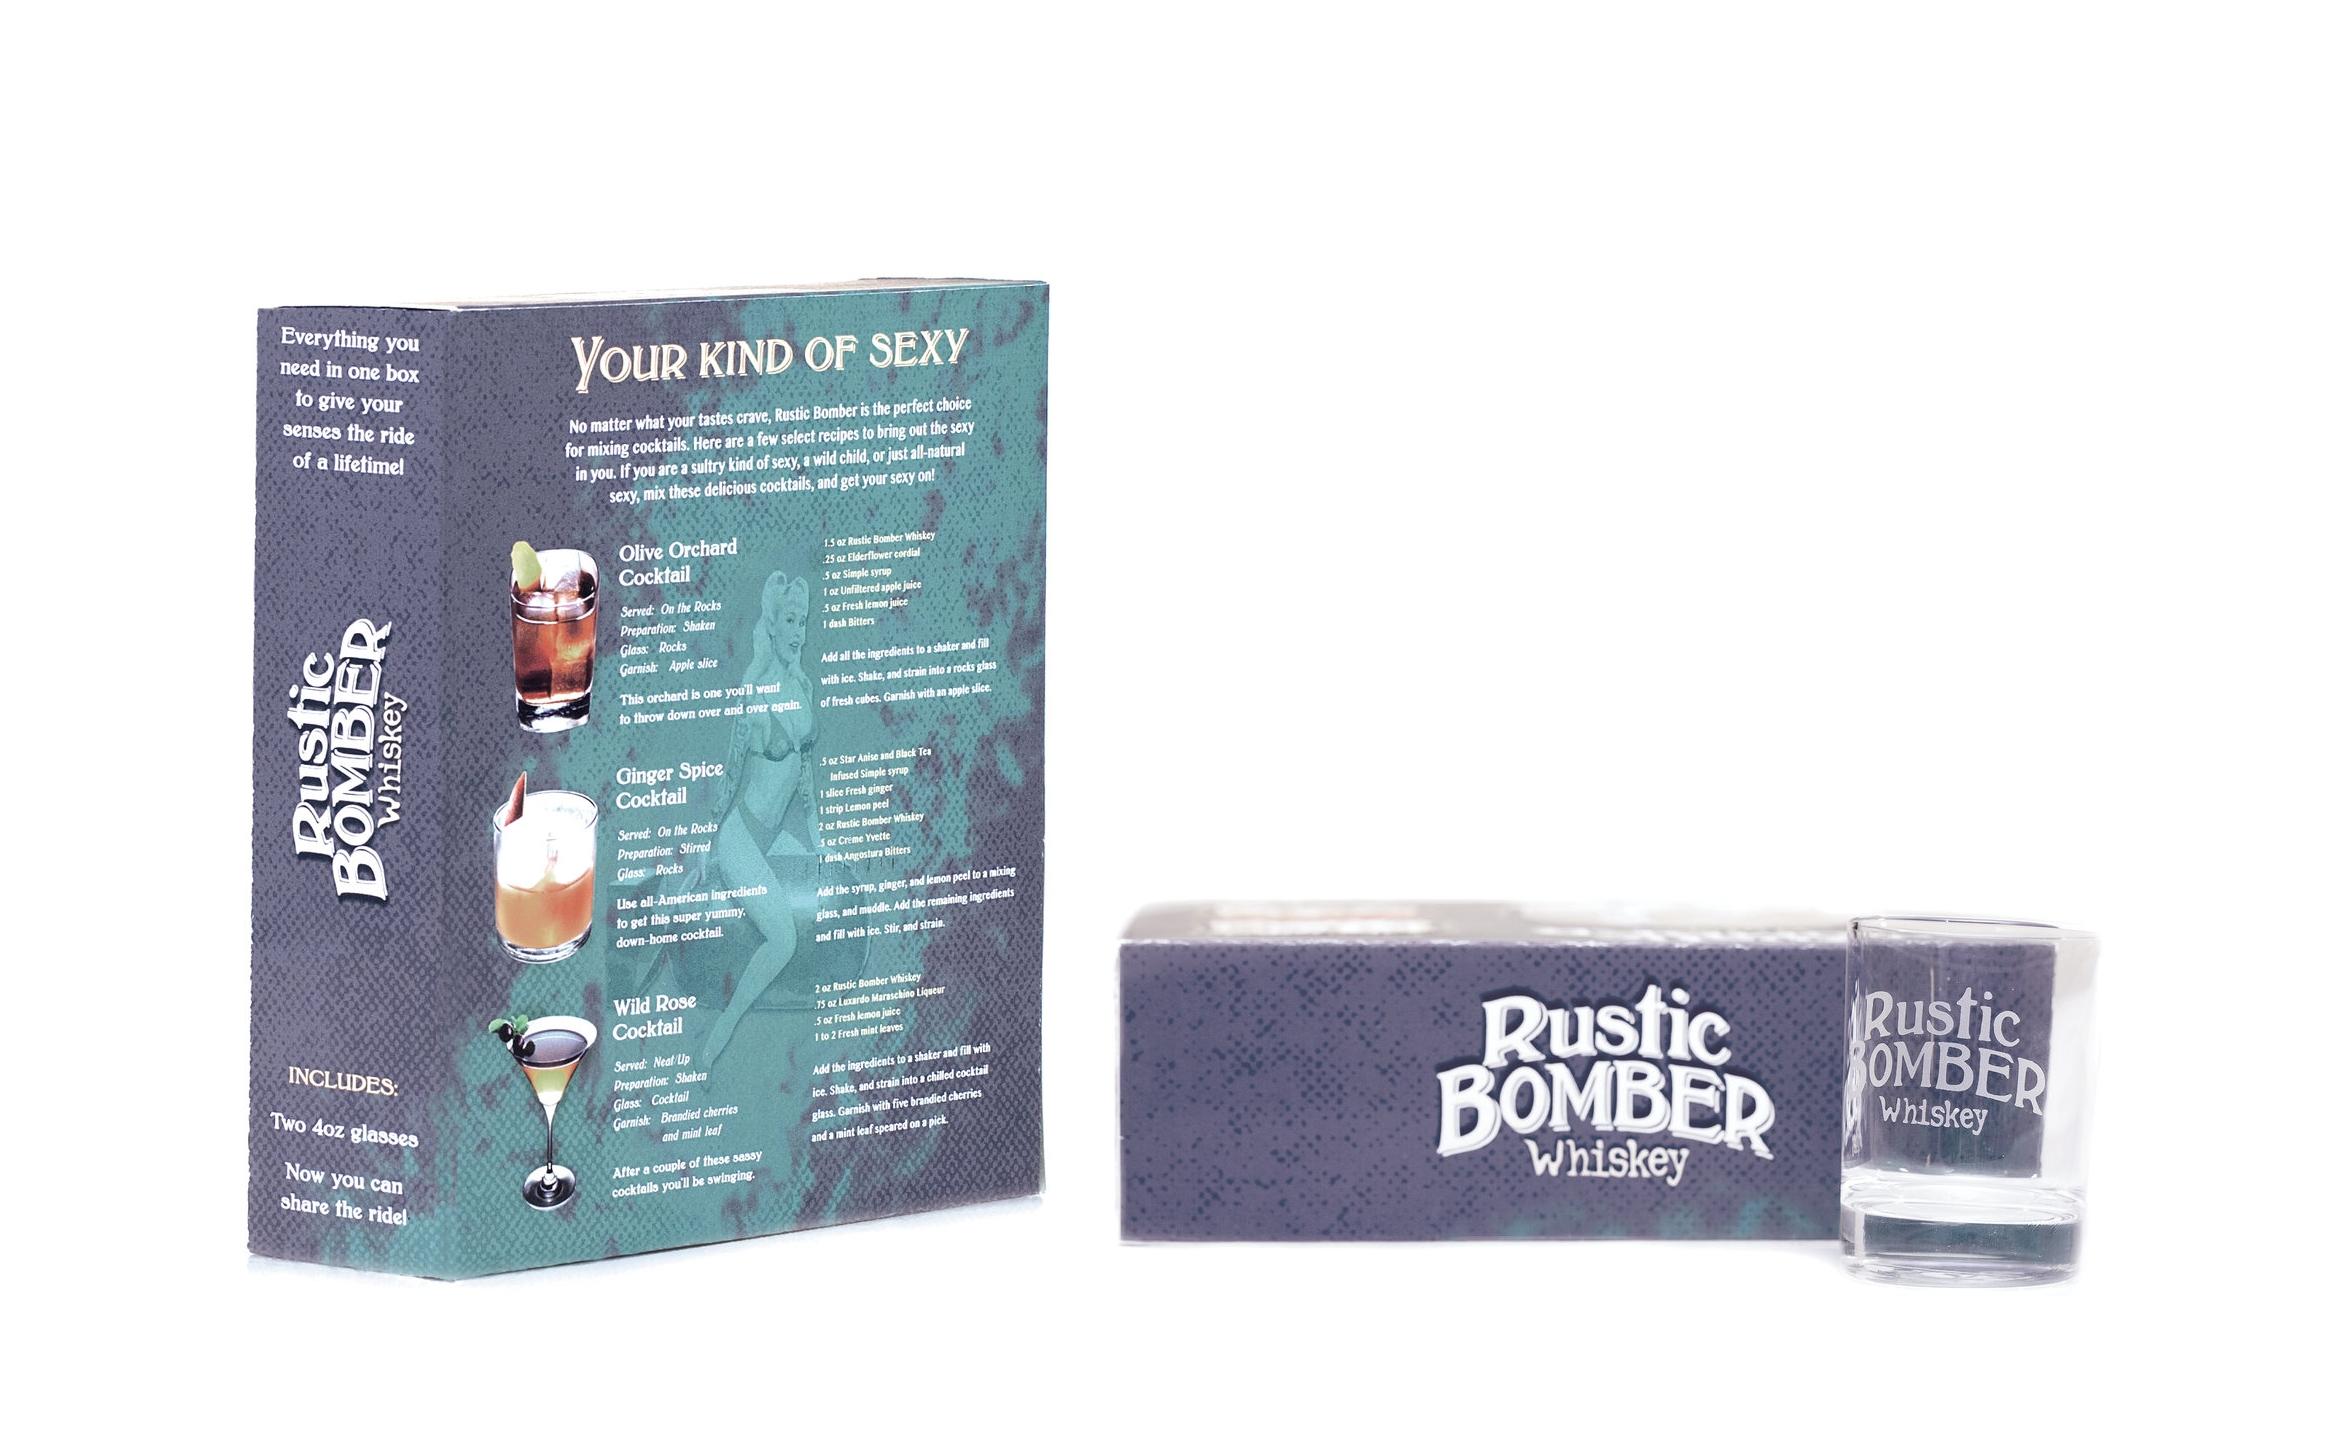 RusticBomber_packaging.jpg